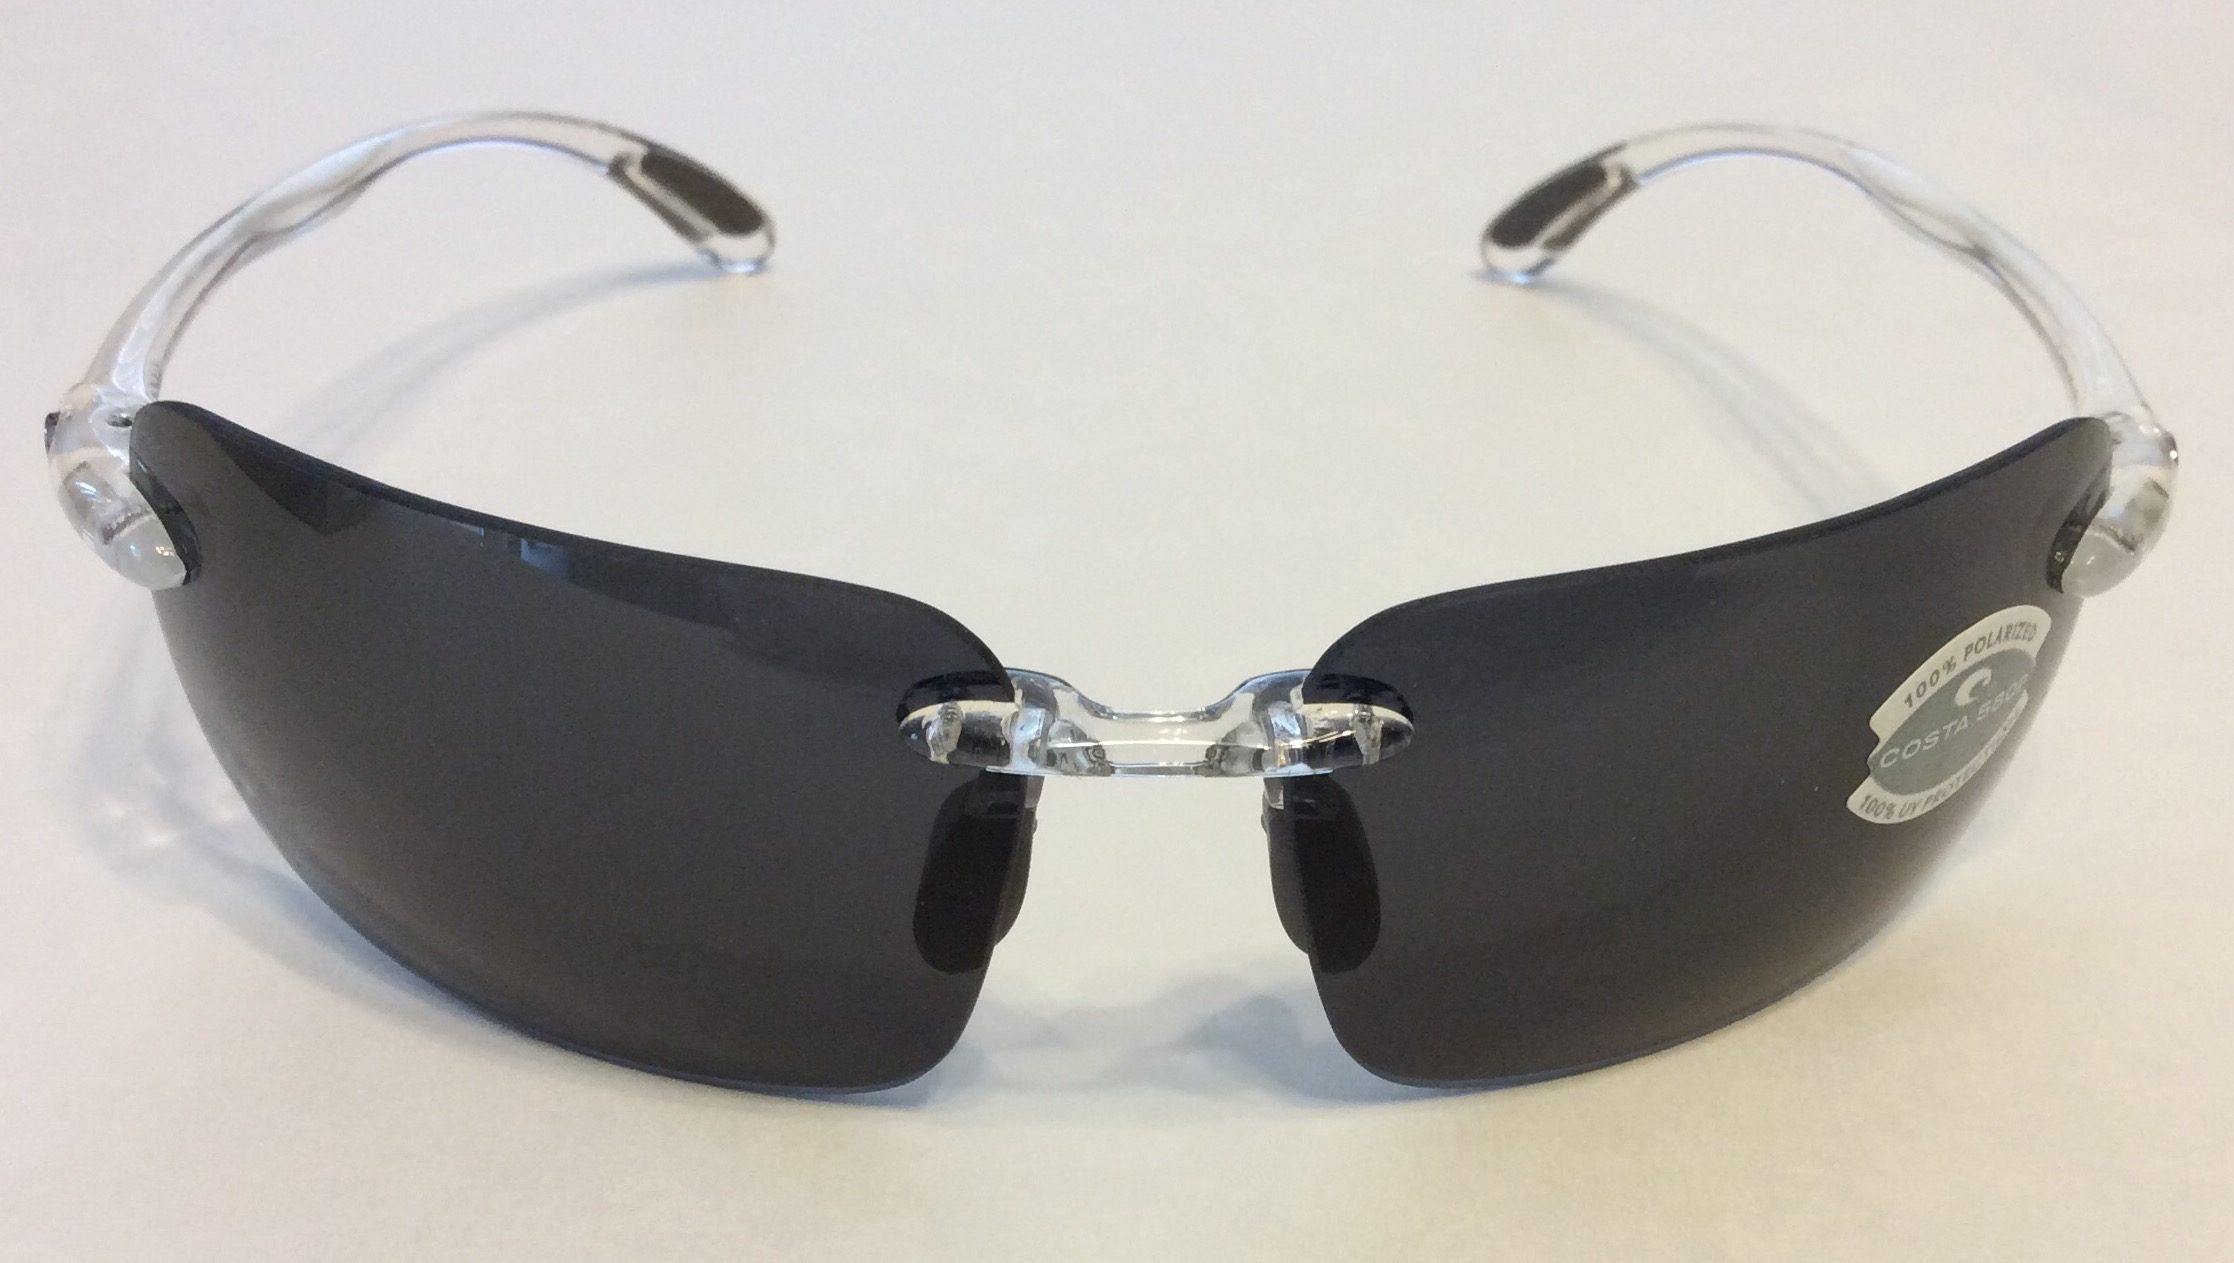 f73b5a052a2 Costa Del Mar Polarized Glasses